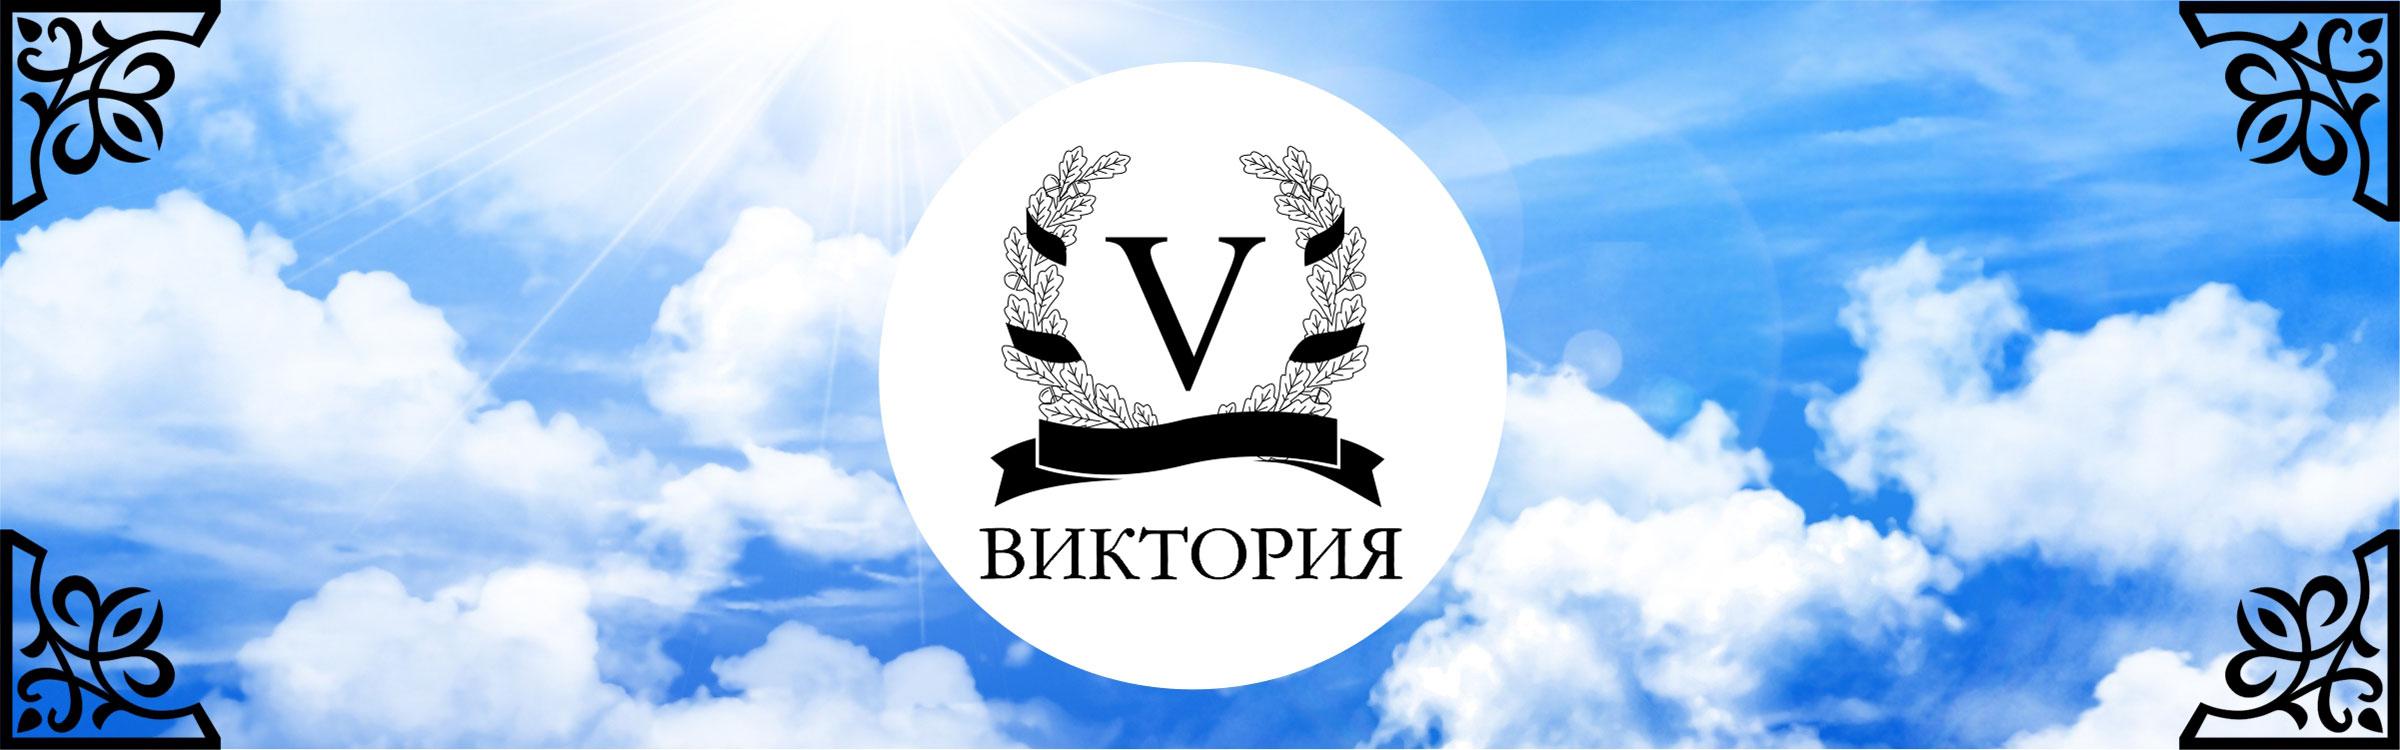 Ритуальные услуги 'Виктория - Ритуальные услуги' в Смоленске. Главная страница